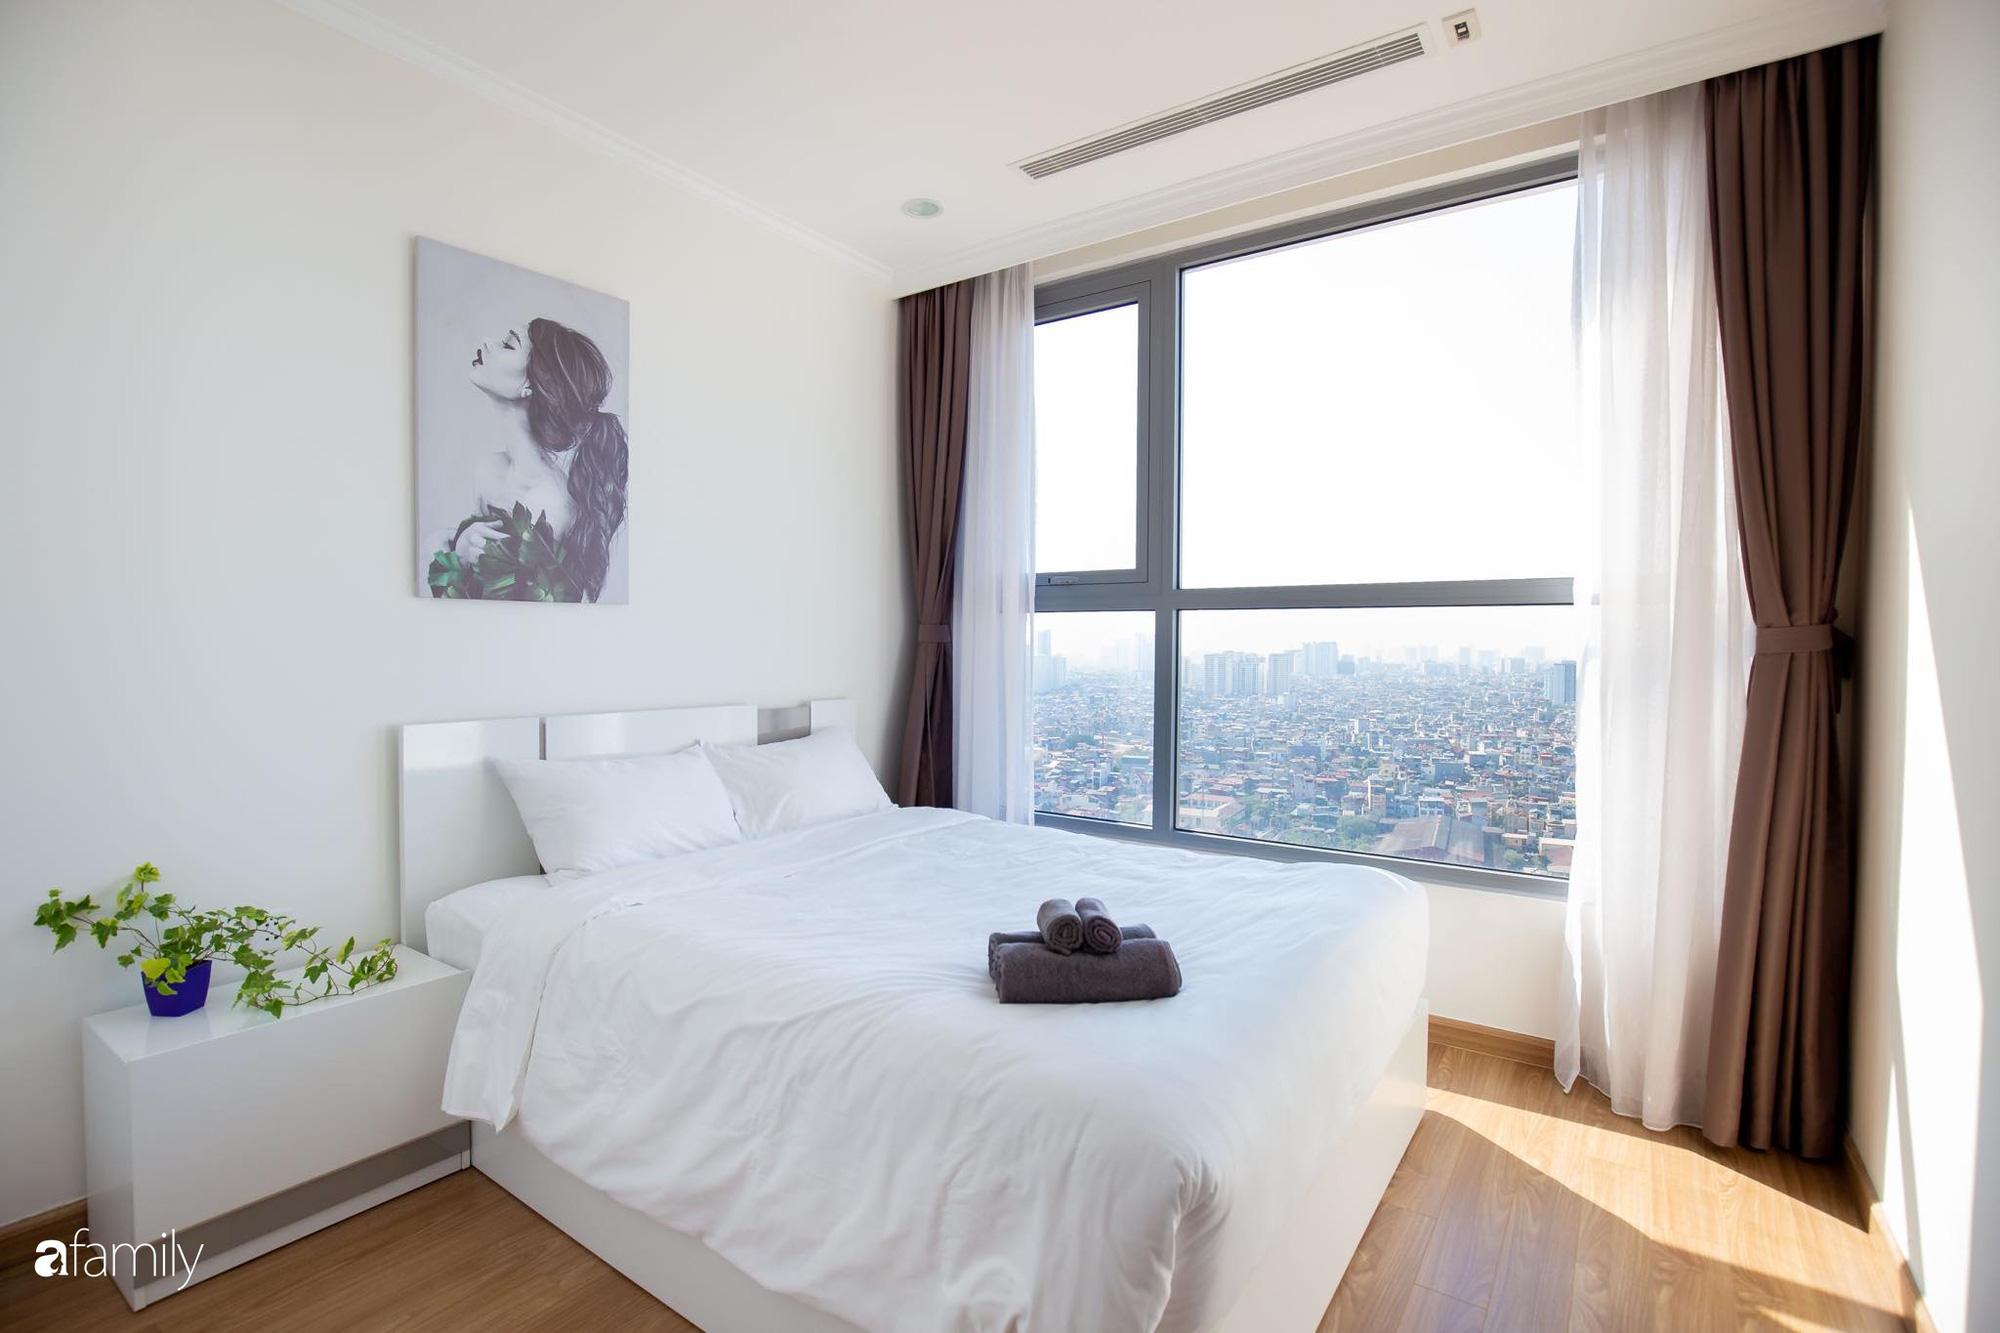 Căn hộ 64m2 trên tầng cao đẹp lôi cuốn nhờ view ngắm hoàng hôn ở Hà Nội - Ảnh 17.